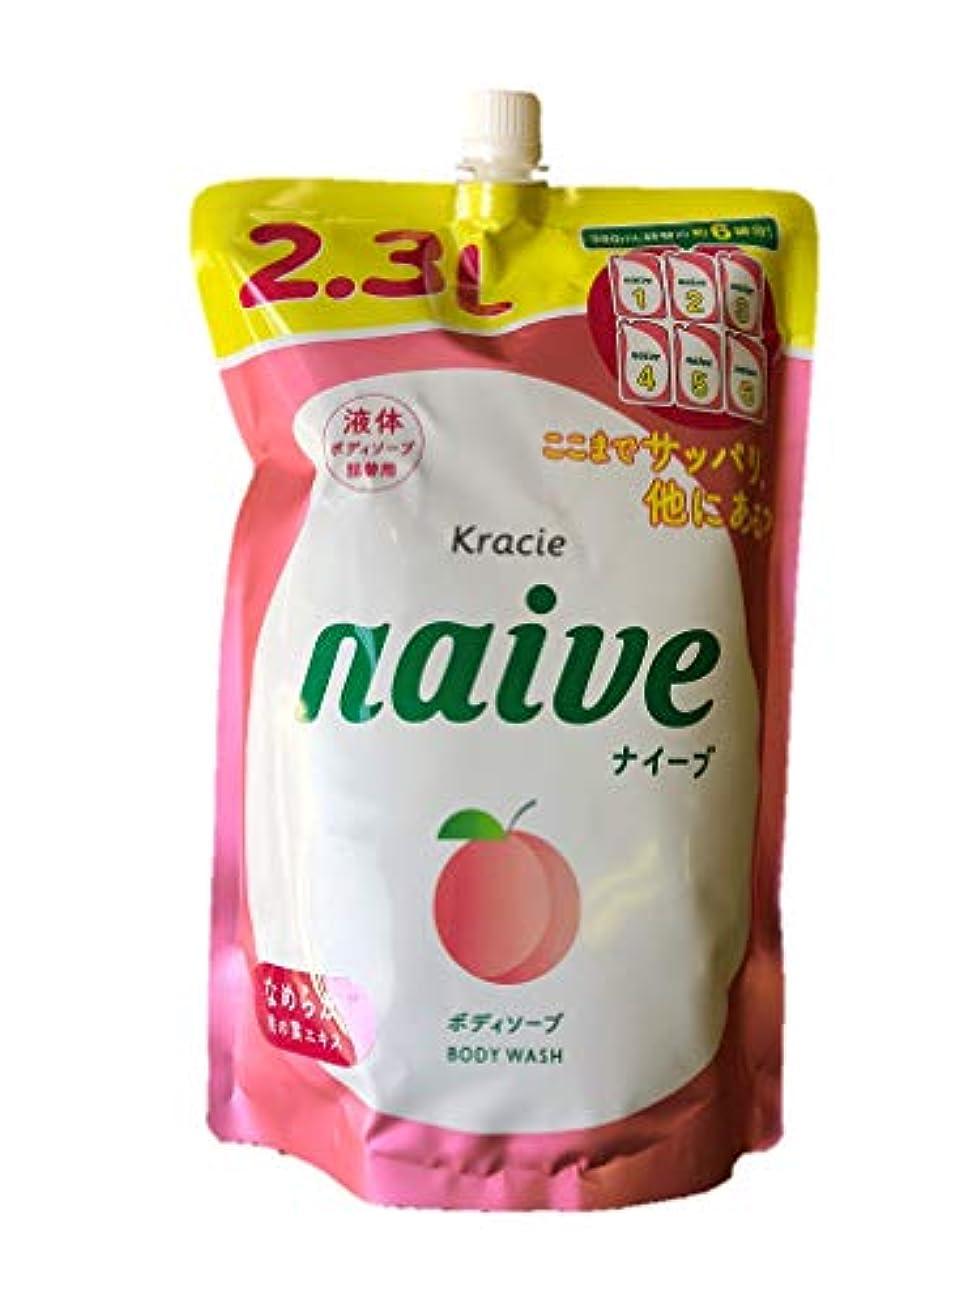 リスナー差別新年【大容量2.3L】ナイーブ 植物性ボディーソープ 自然でやさしい桃の香り 2300ml